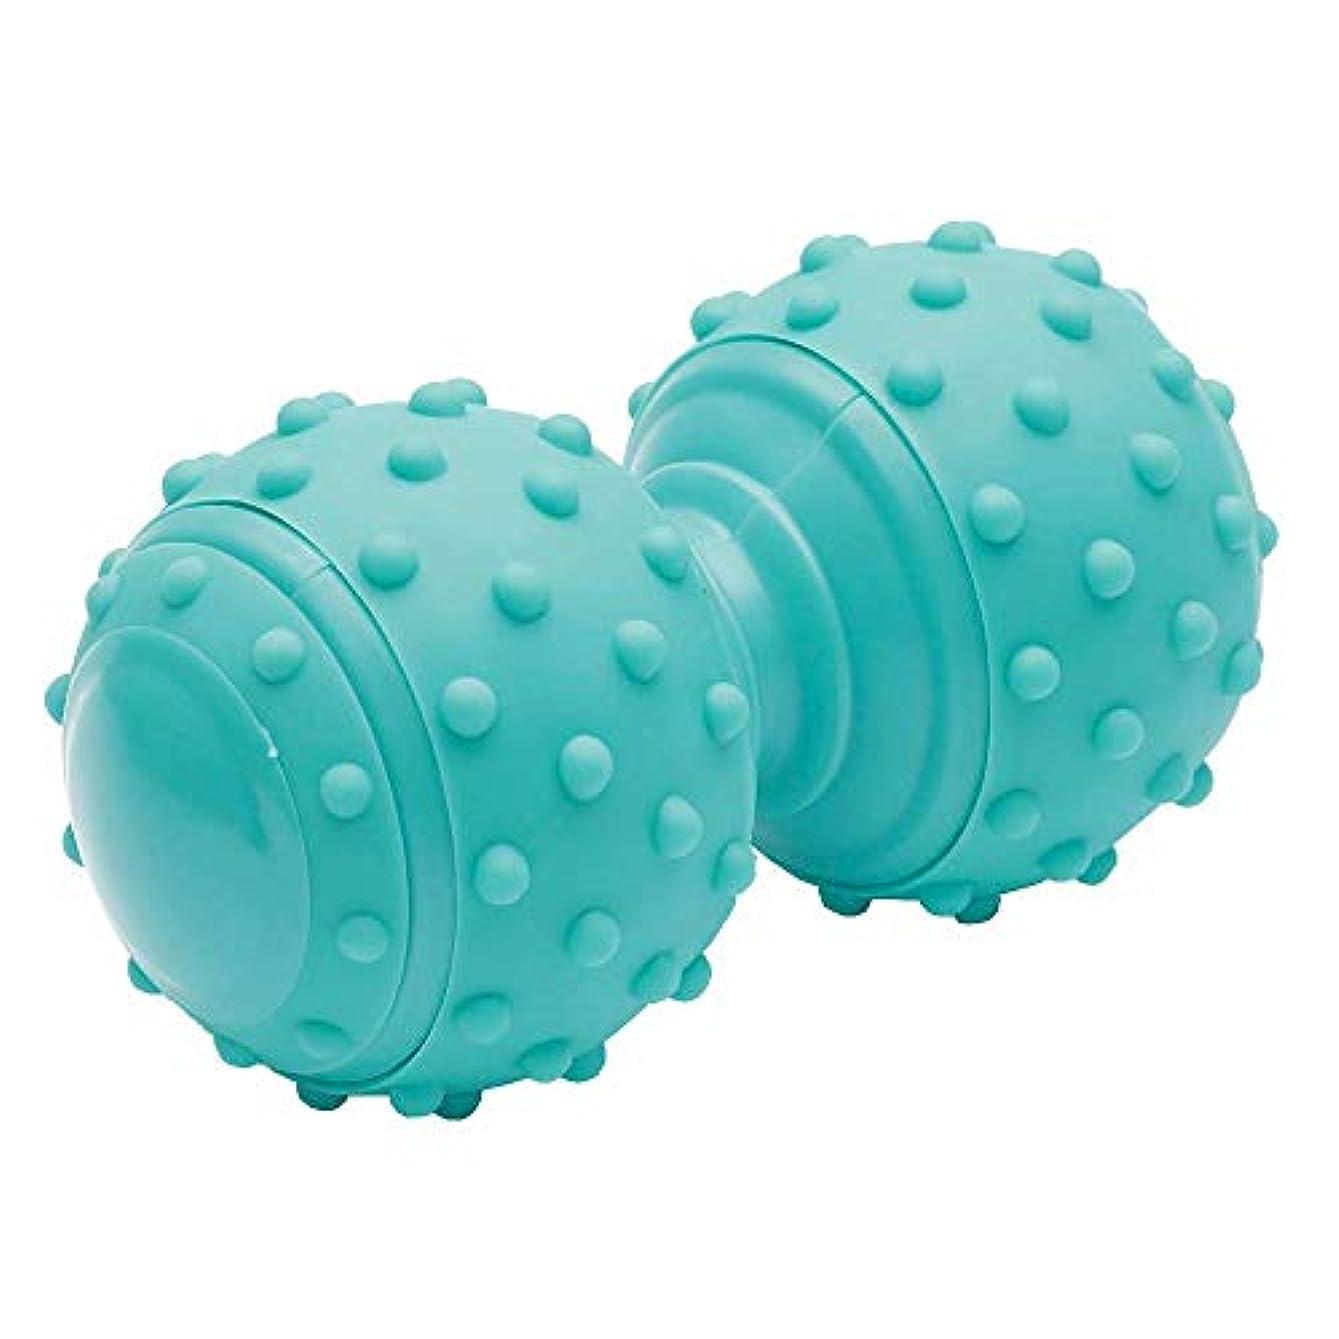 魅力的あいさつコピーI-select ツボ押し マッサージ ボール トリガーポイント 筋膜リリース 首 肩 背中 に グリーン